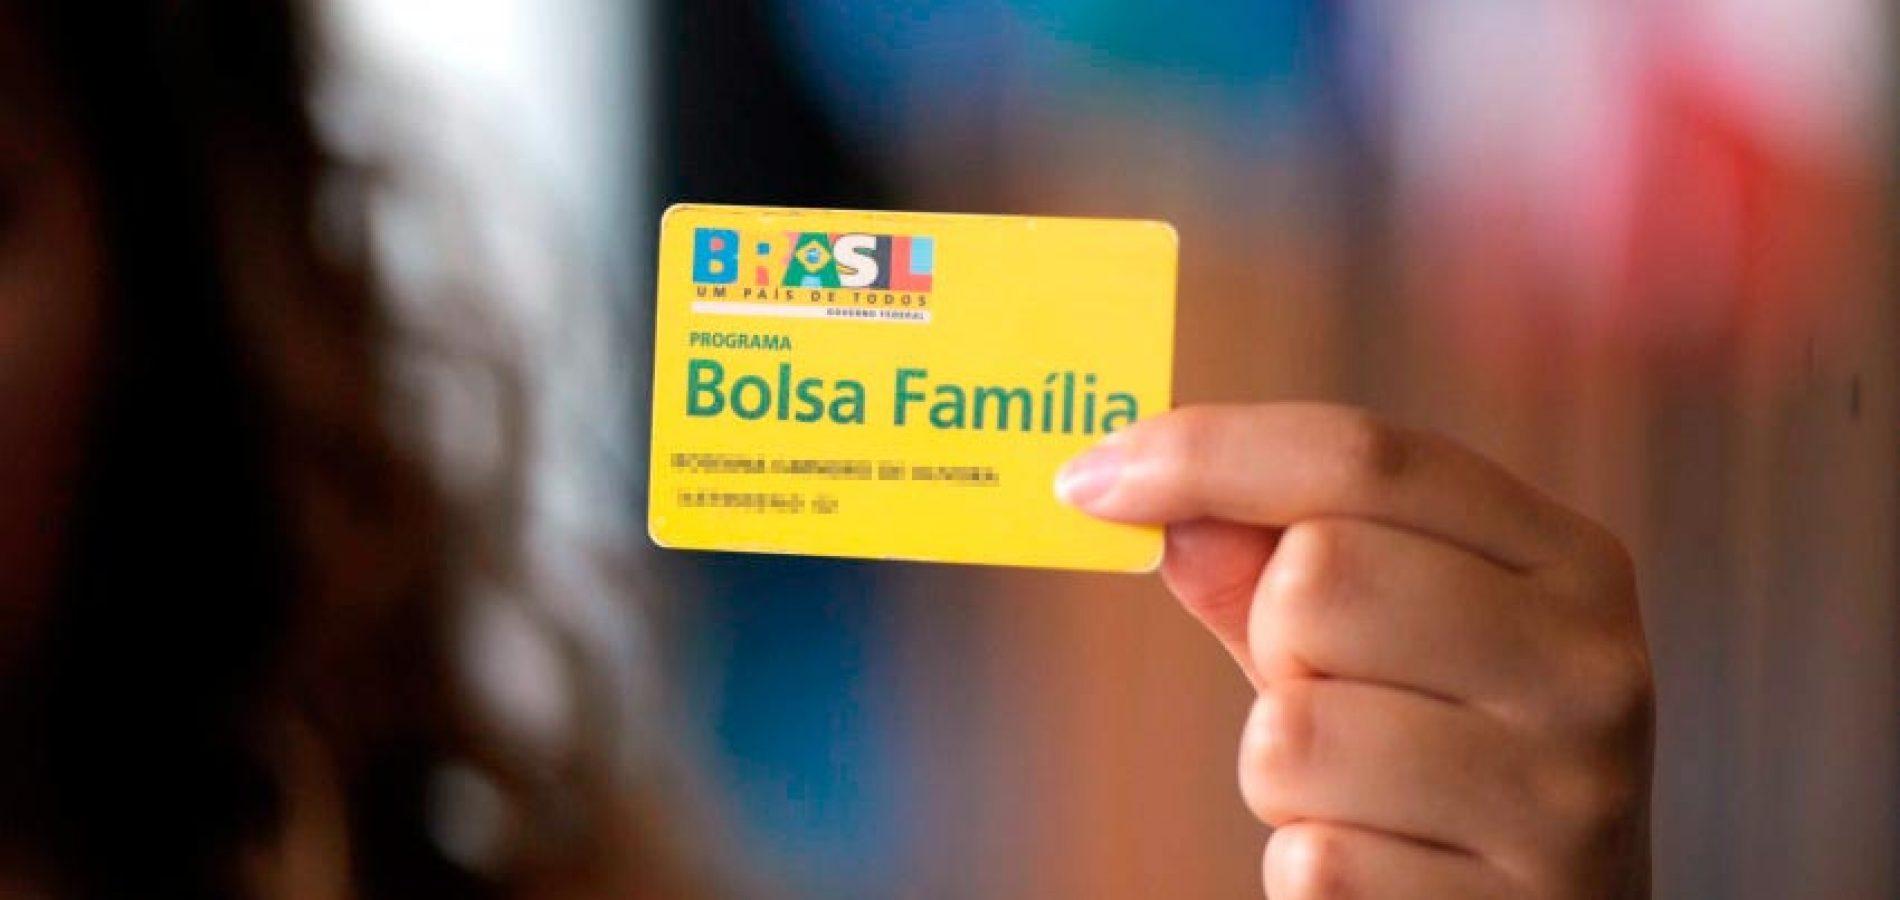 Reformulação do Bolsa Família inclui aumento de benefício e bônus a famílias